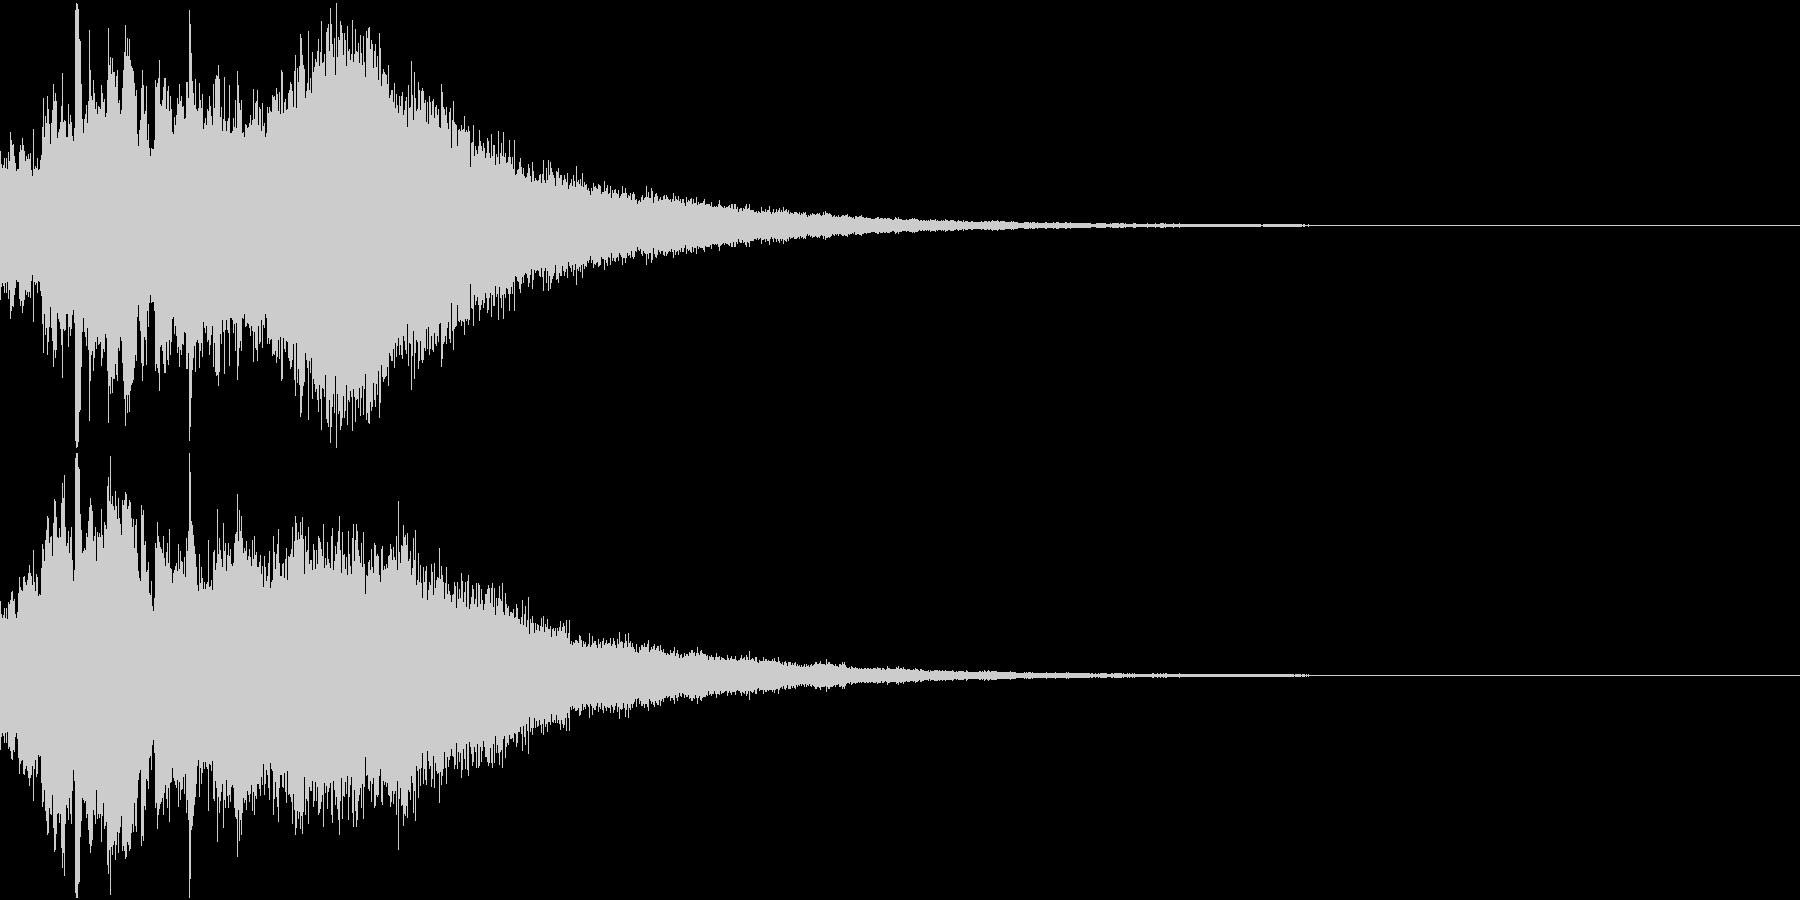 クリスマス ジングルベル キラキラ 14の未再生の波形